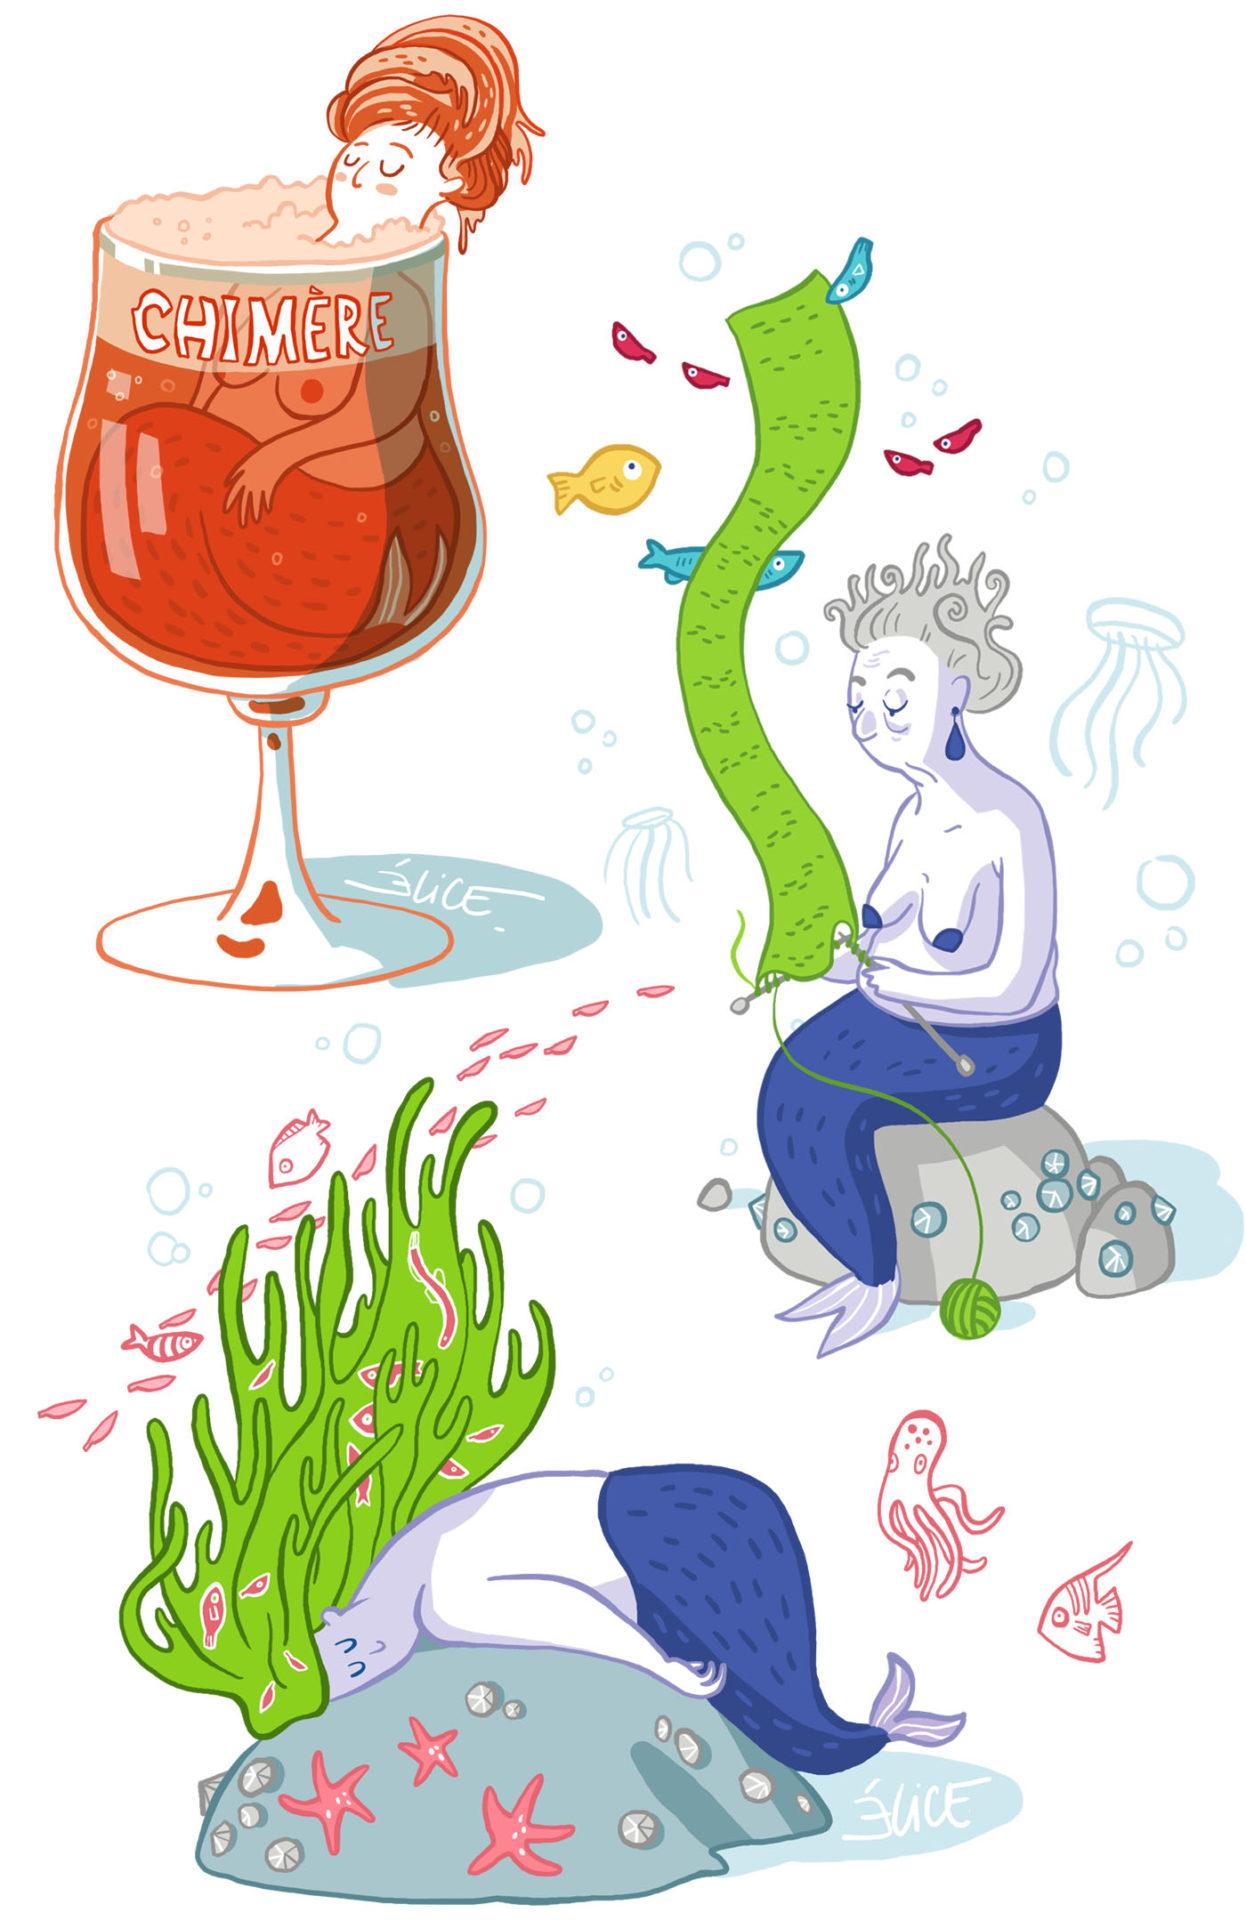 Sirène dans un verre de bière, sirène qui tricote, sirène endormie